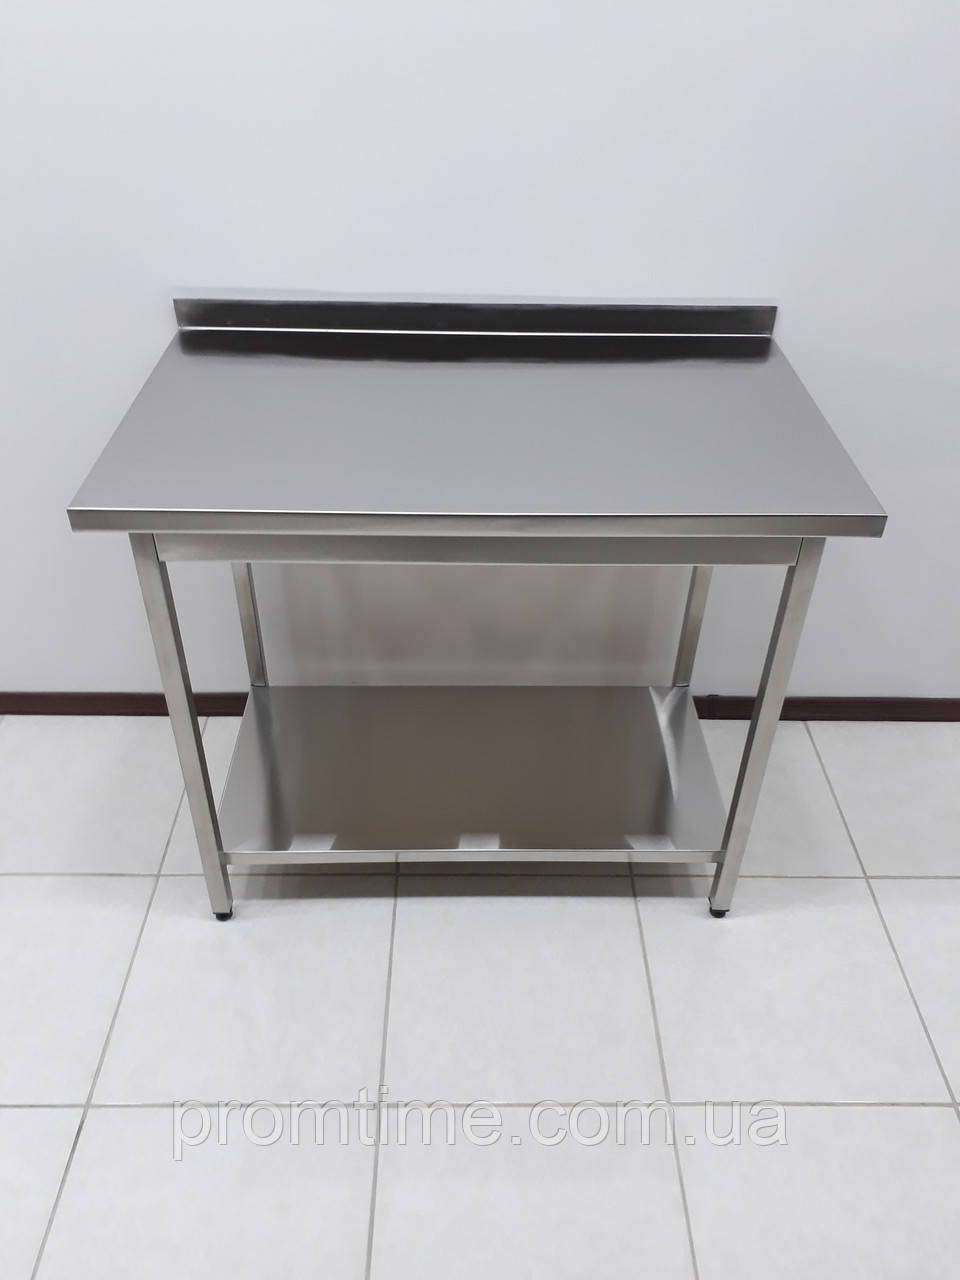 Стол производственный изнержавеющей стали 1000х600х850